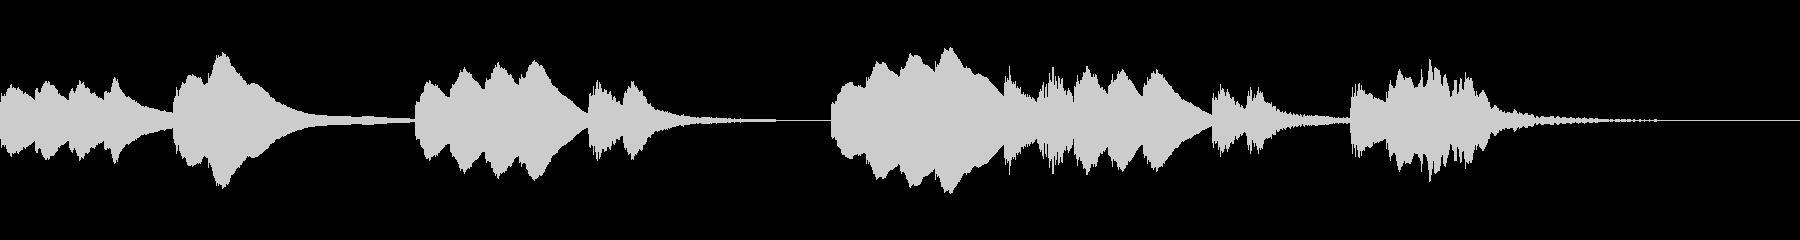 木琴のほのぼのとしたジングルの未再生の波形